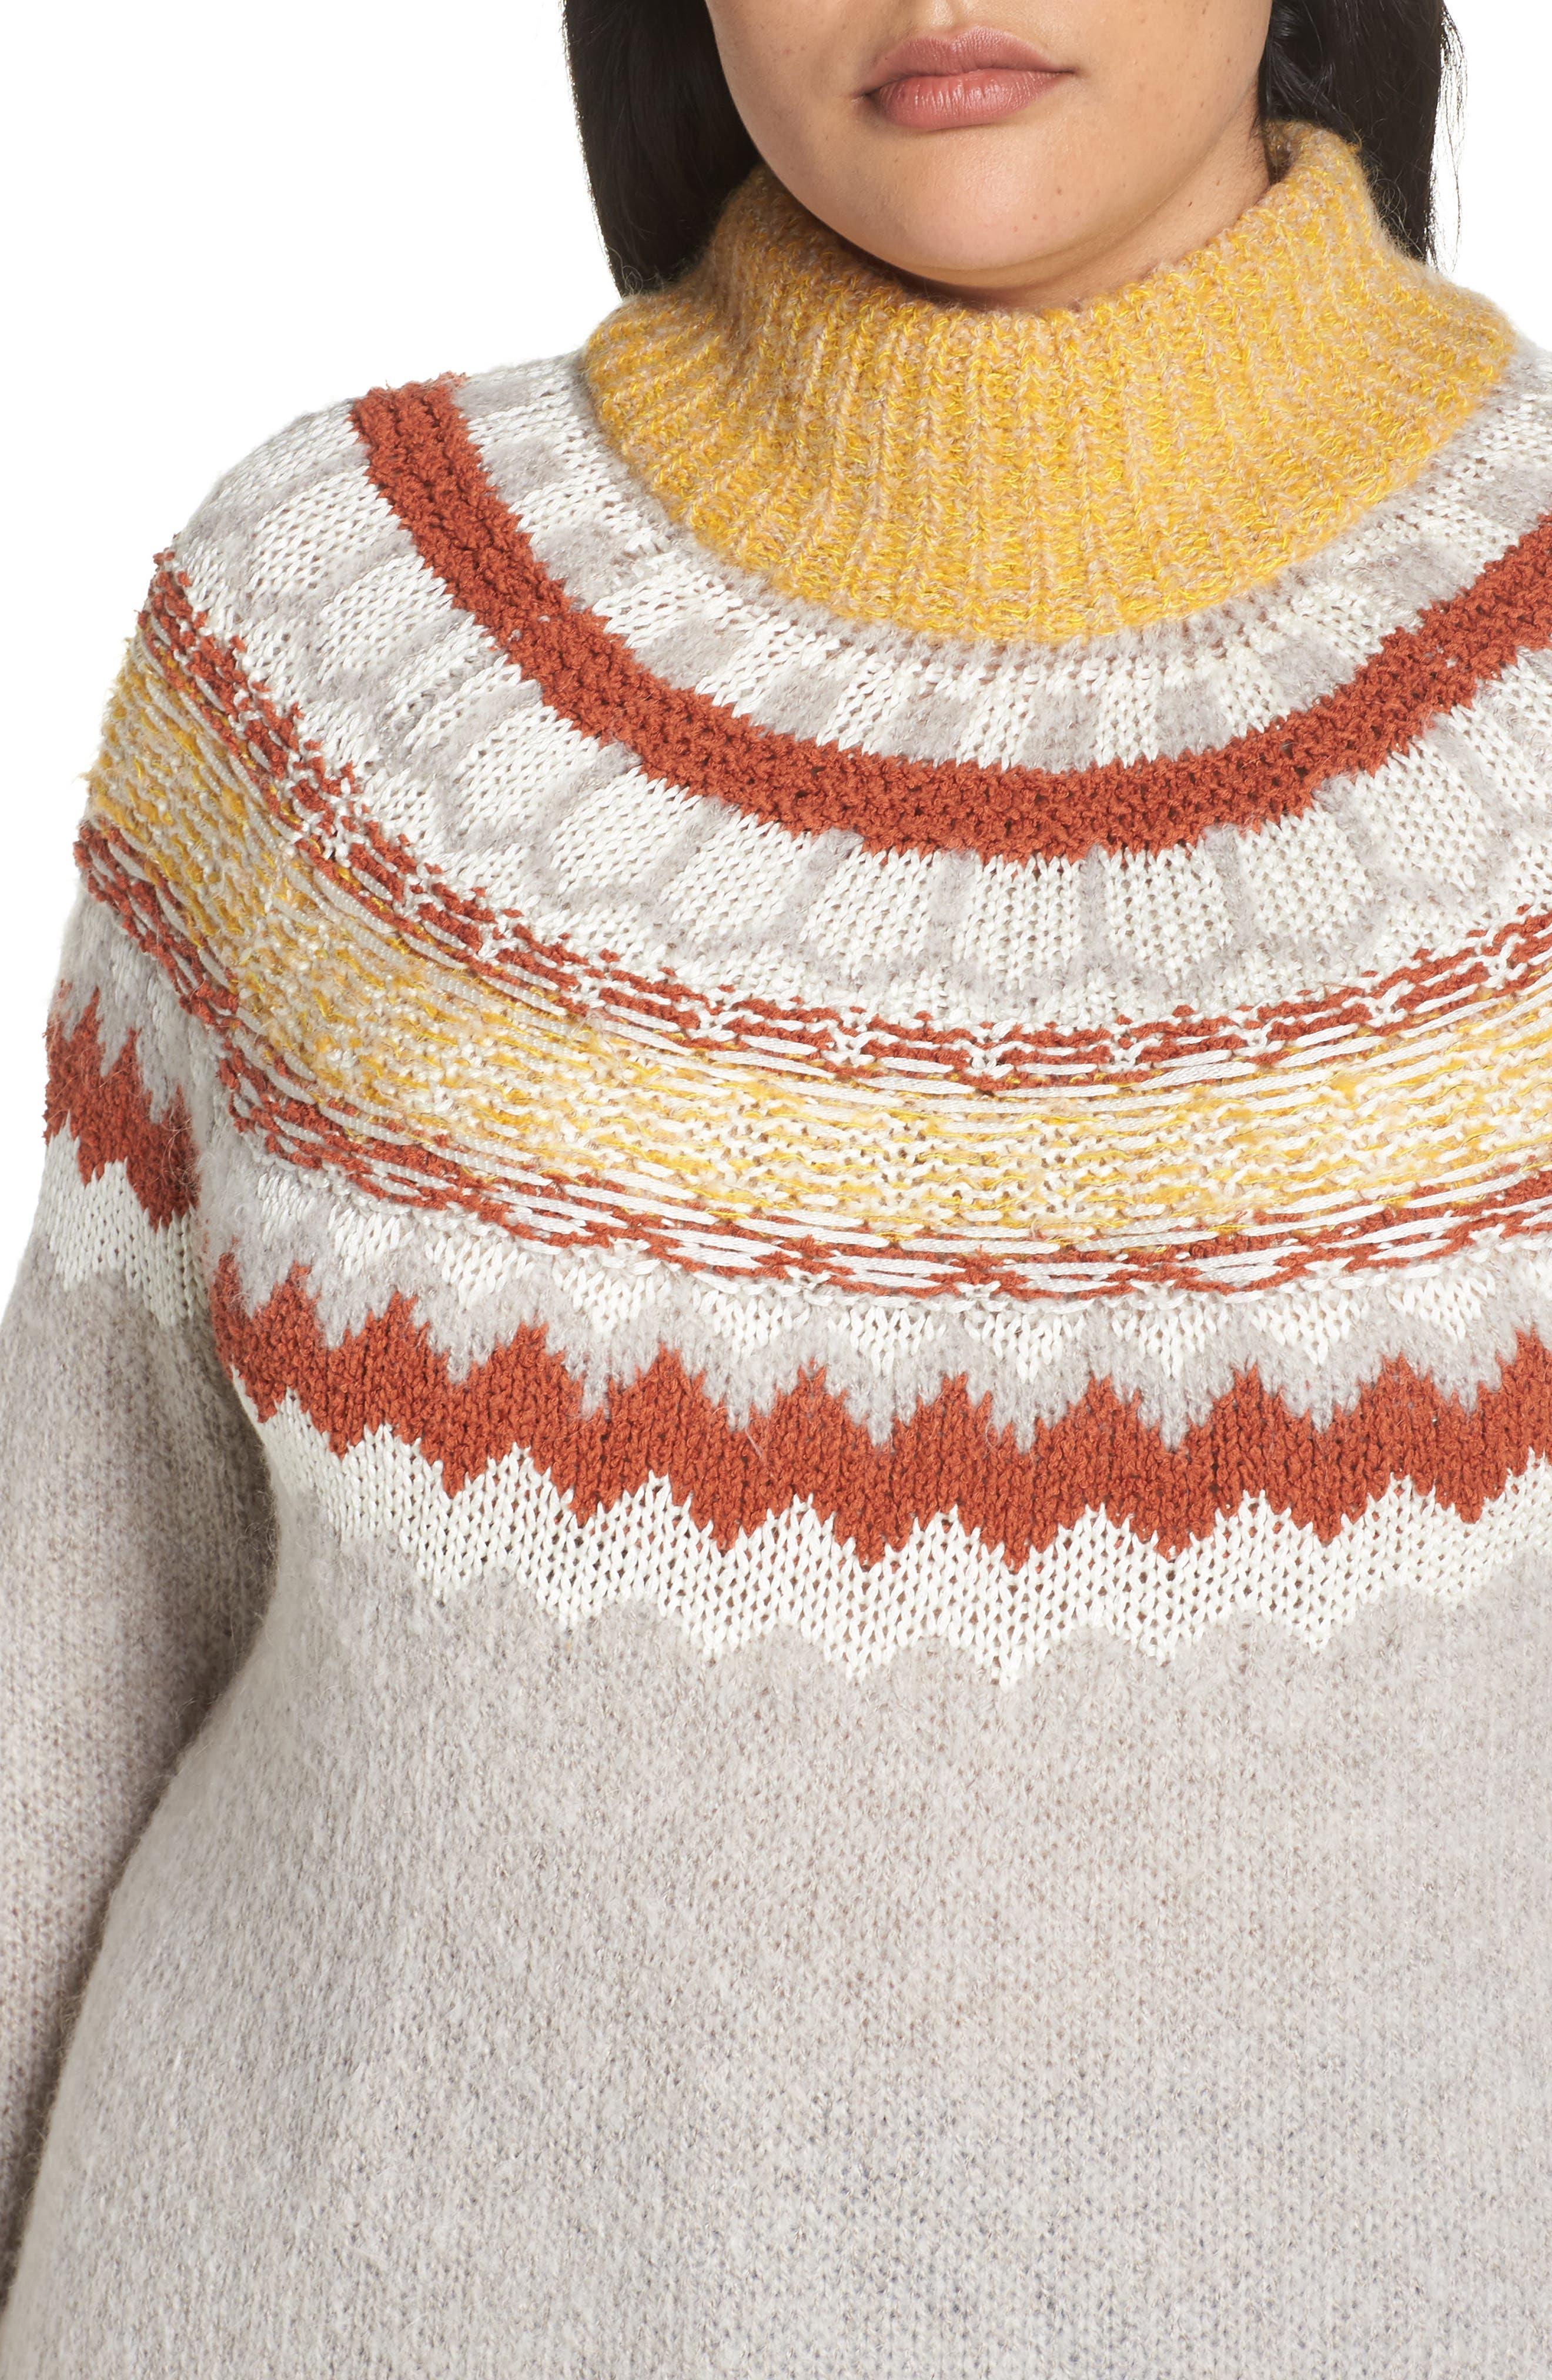 Chunky Jacquard Sweater,                             Alternate thumbnail 4, color,                             TAN COBBLESTONE FOLIAGE PTN